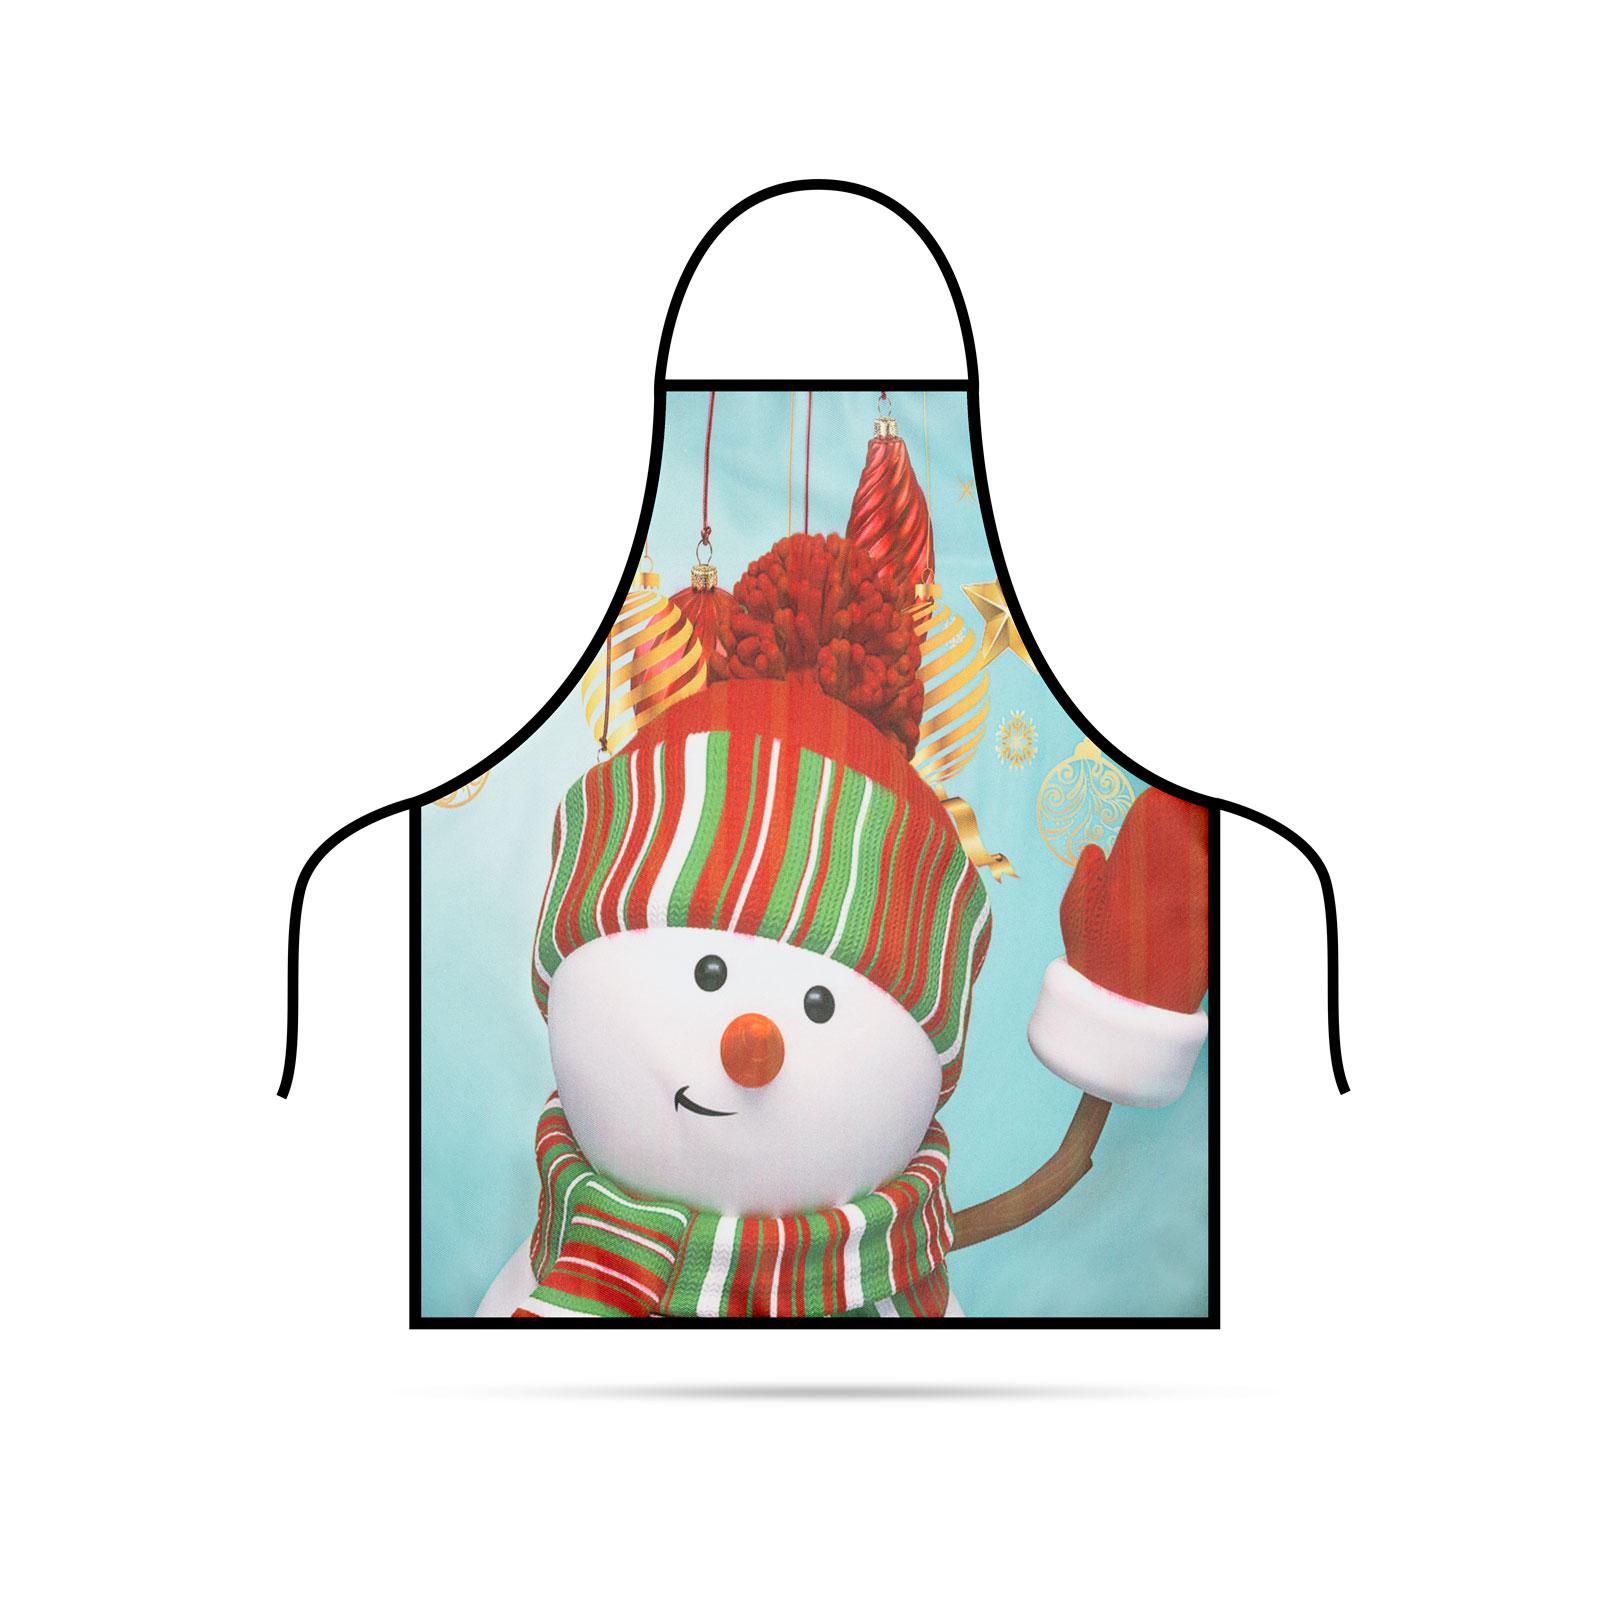 Șorț - Crăciun - pentru copii - 47 x 40 cm